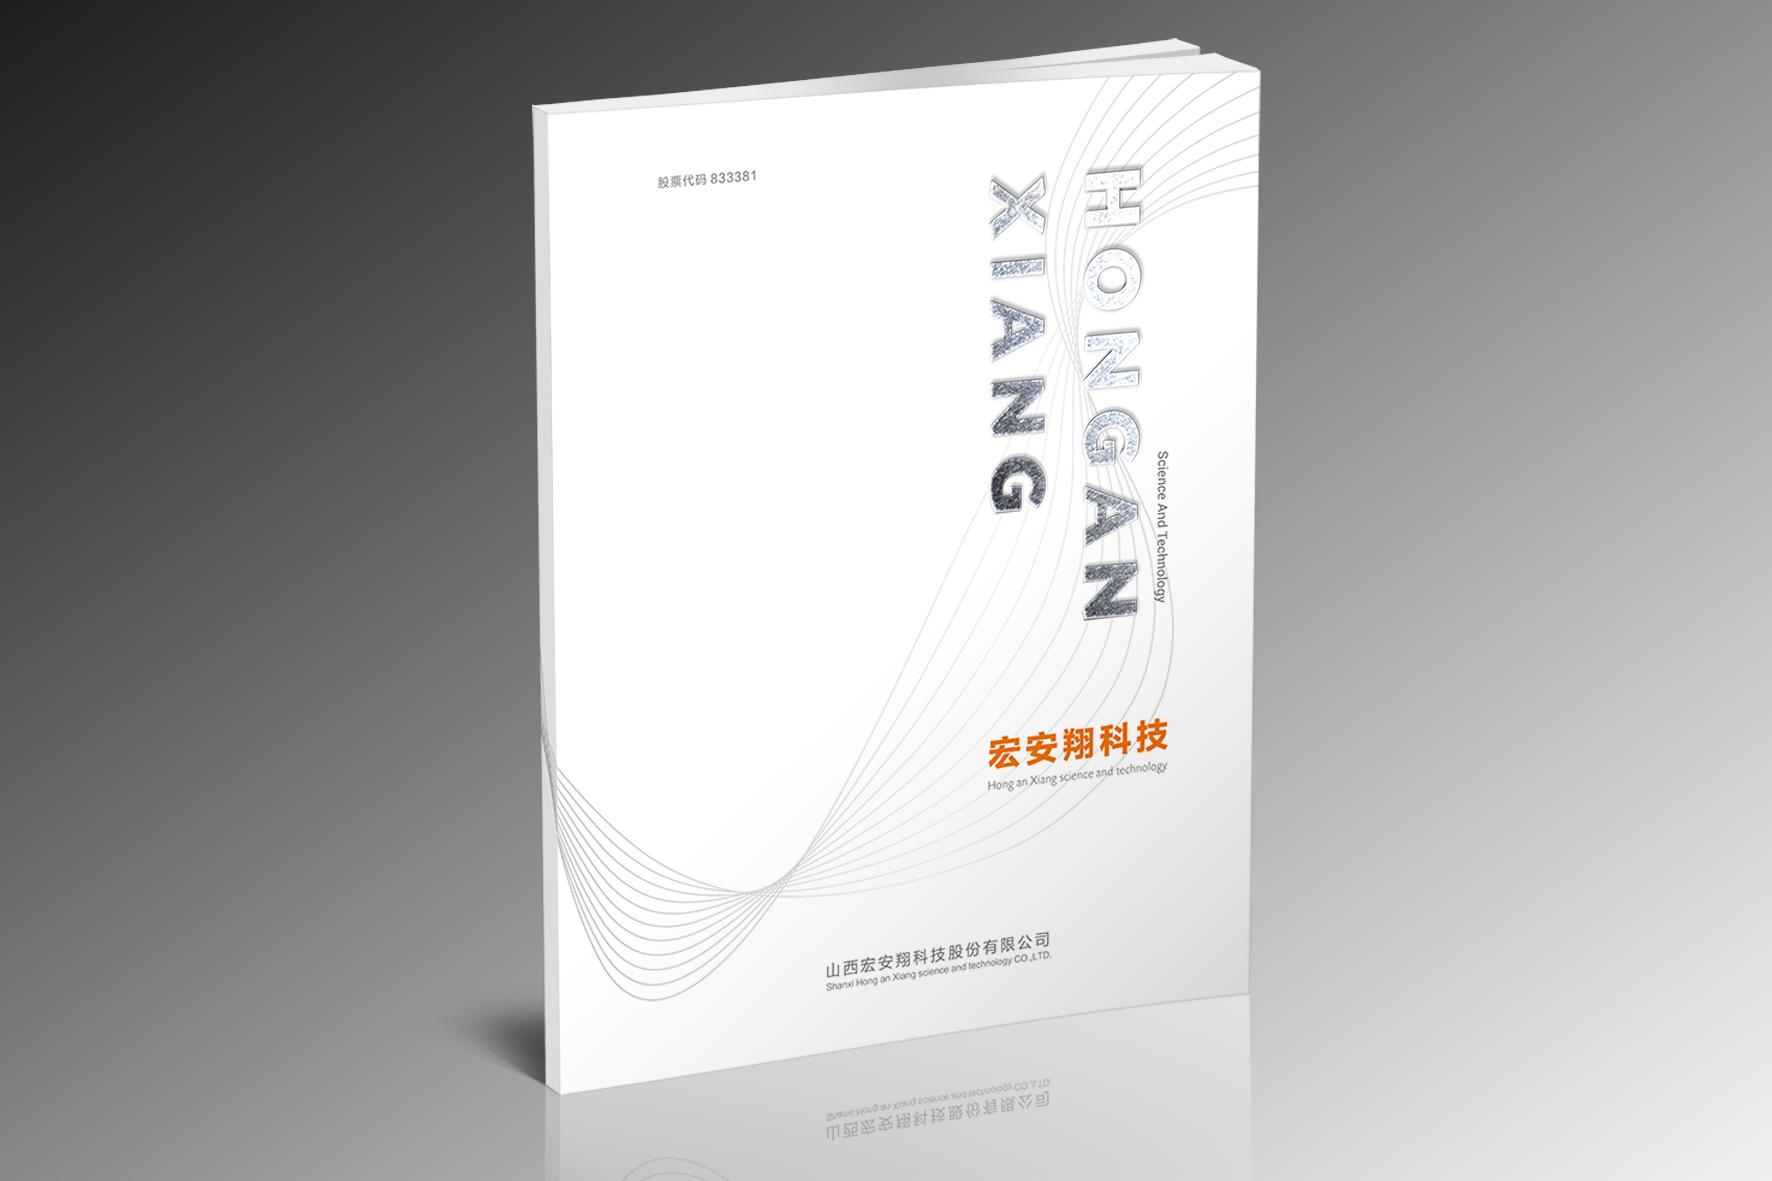 山西宏安翔科技股份有限公司画册设计